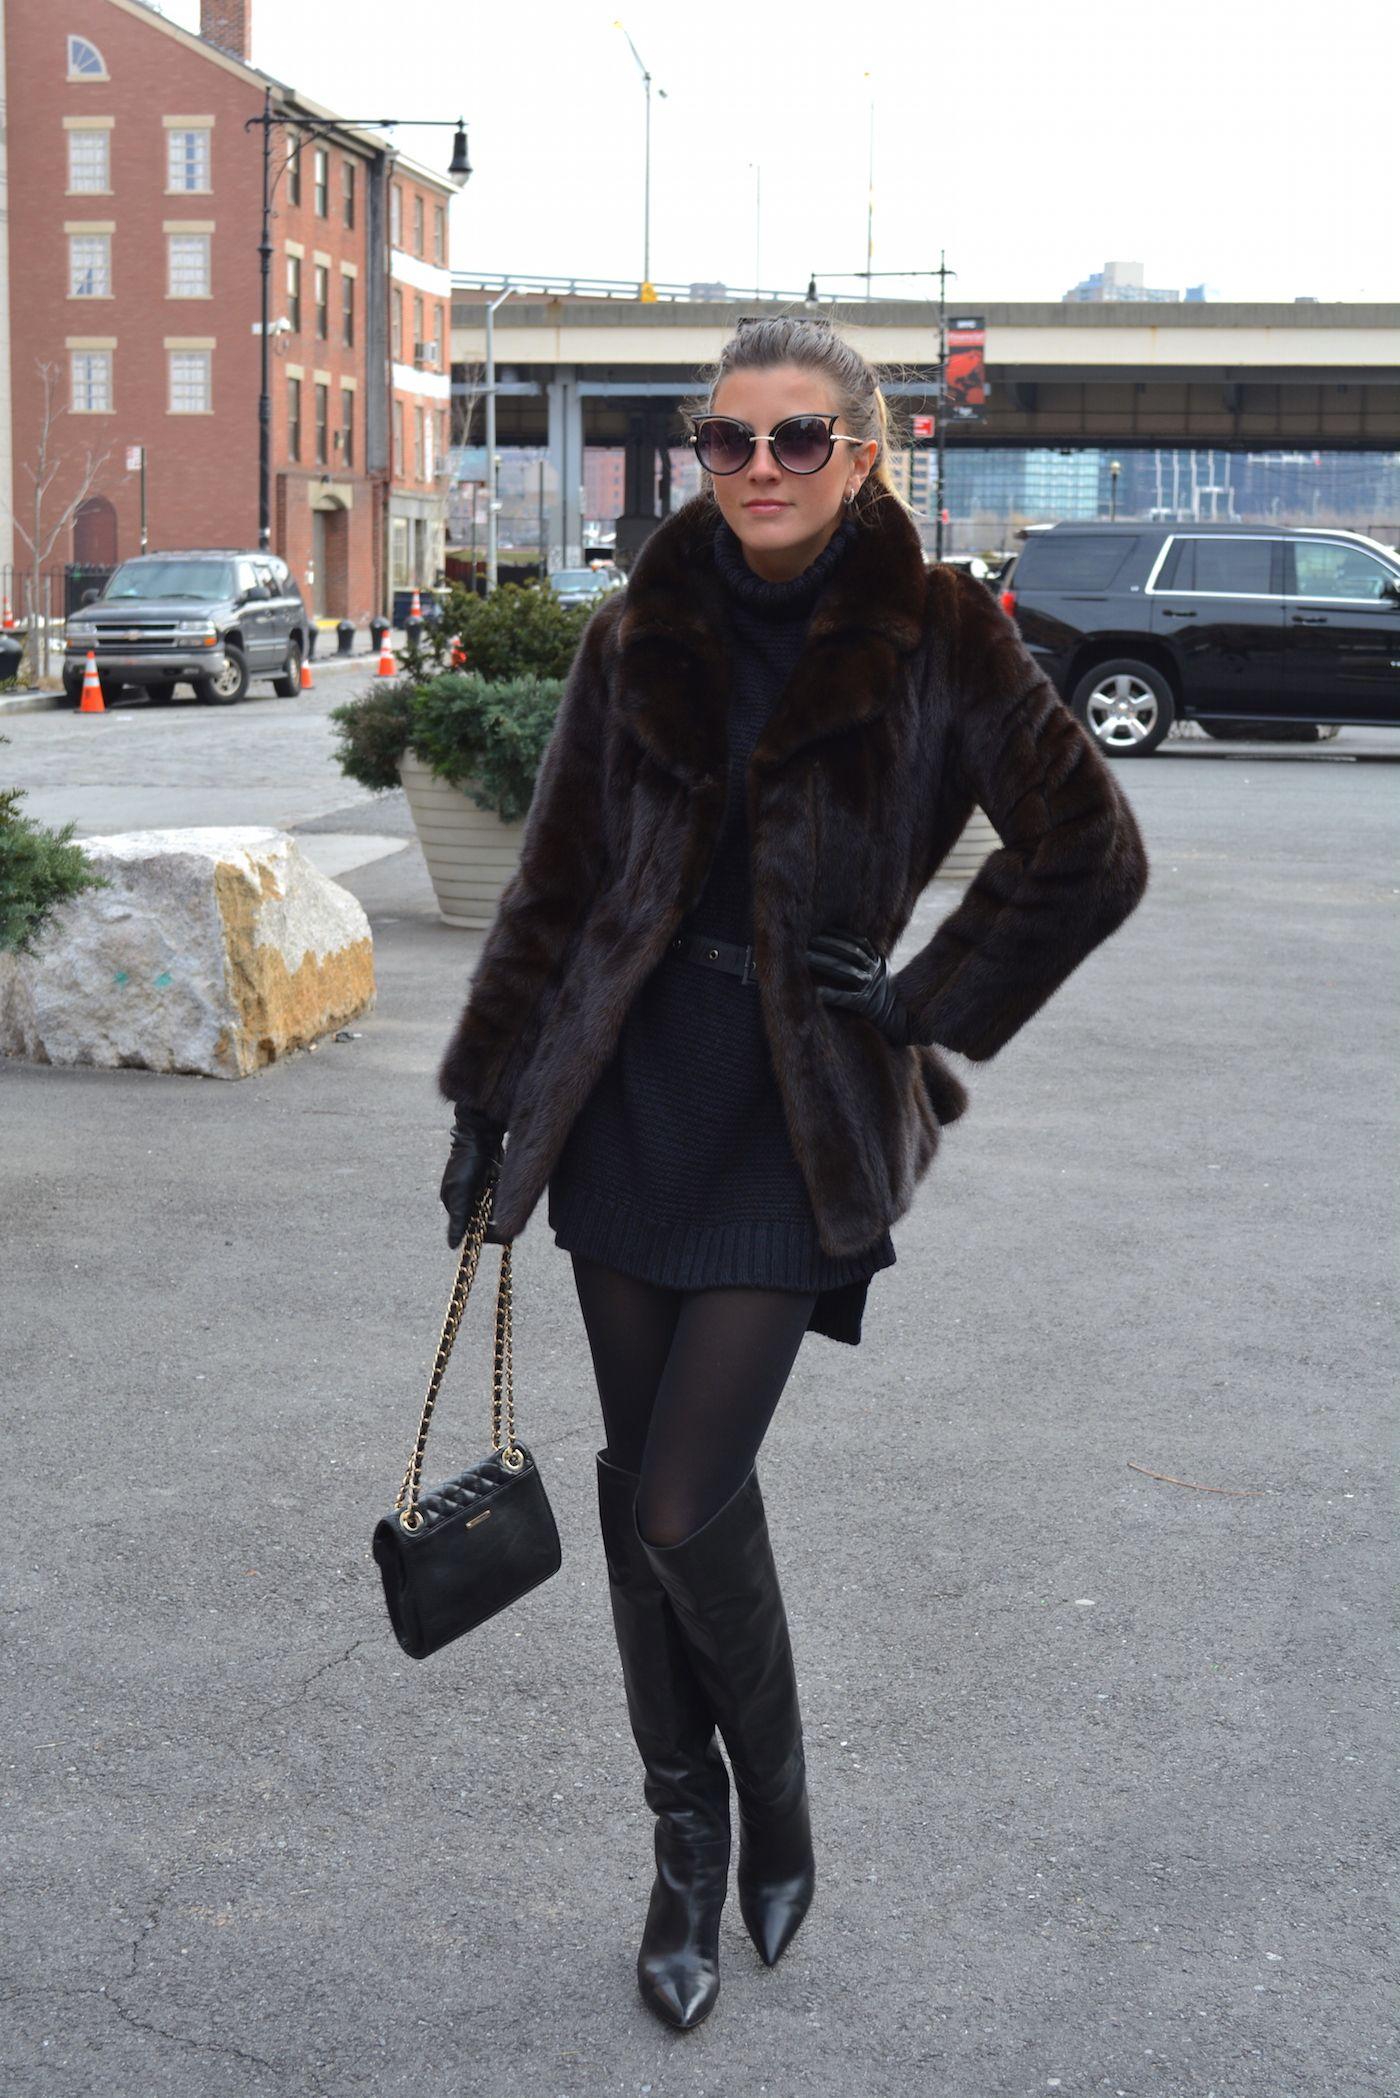 b0f43b33e47 Fur coat